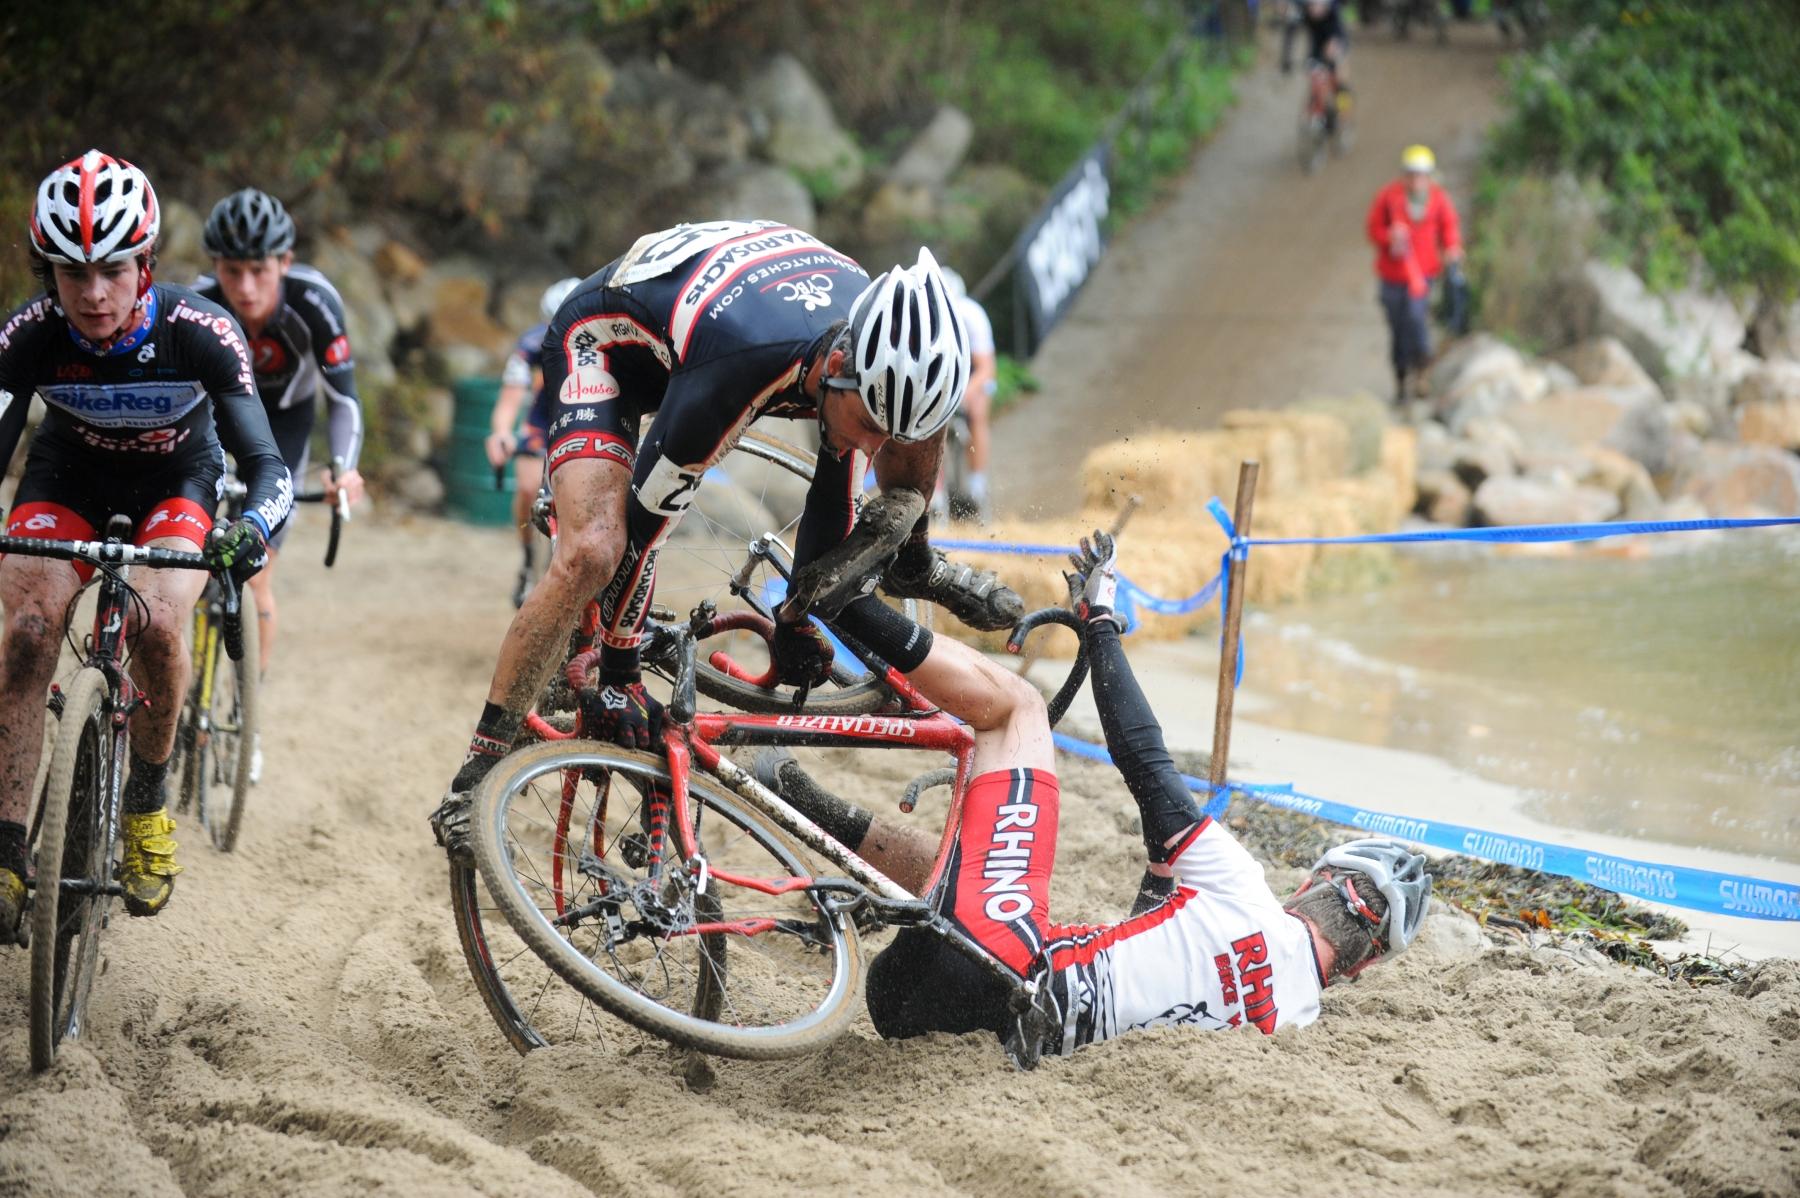 Sport: Cyclocross